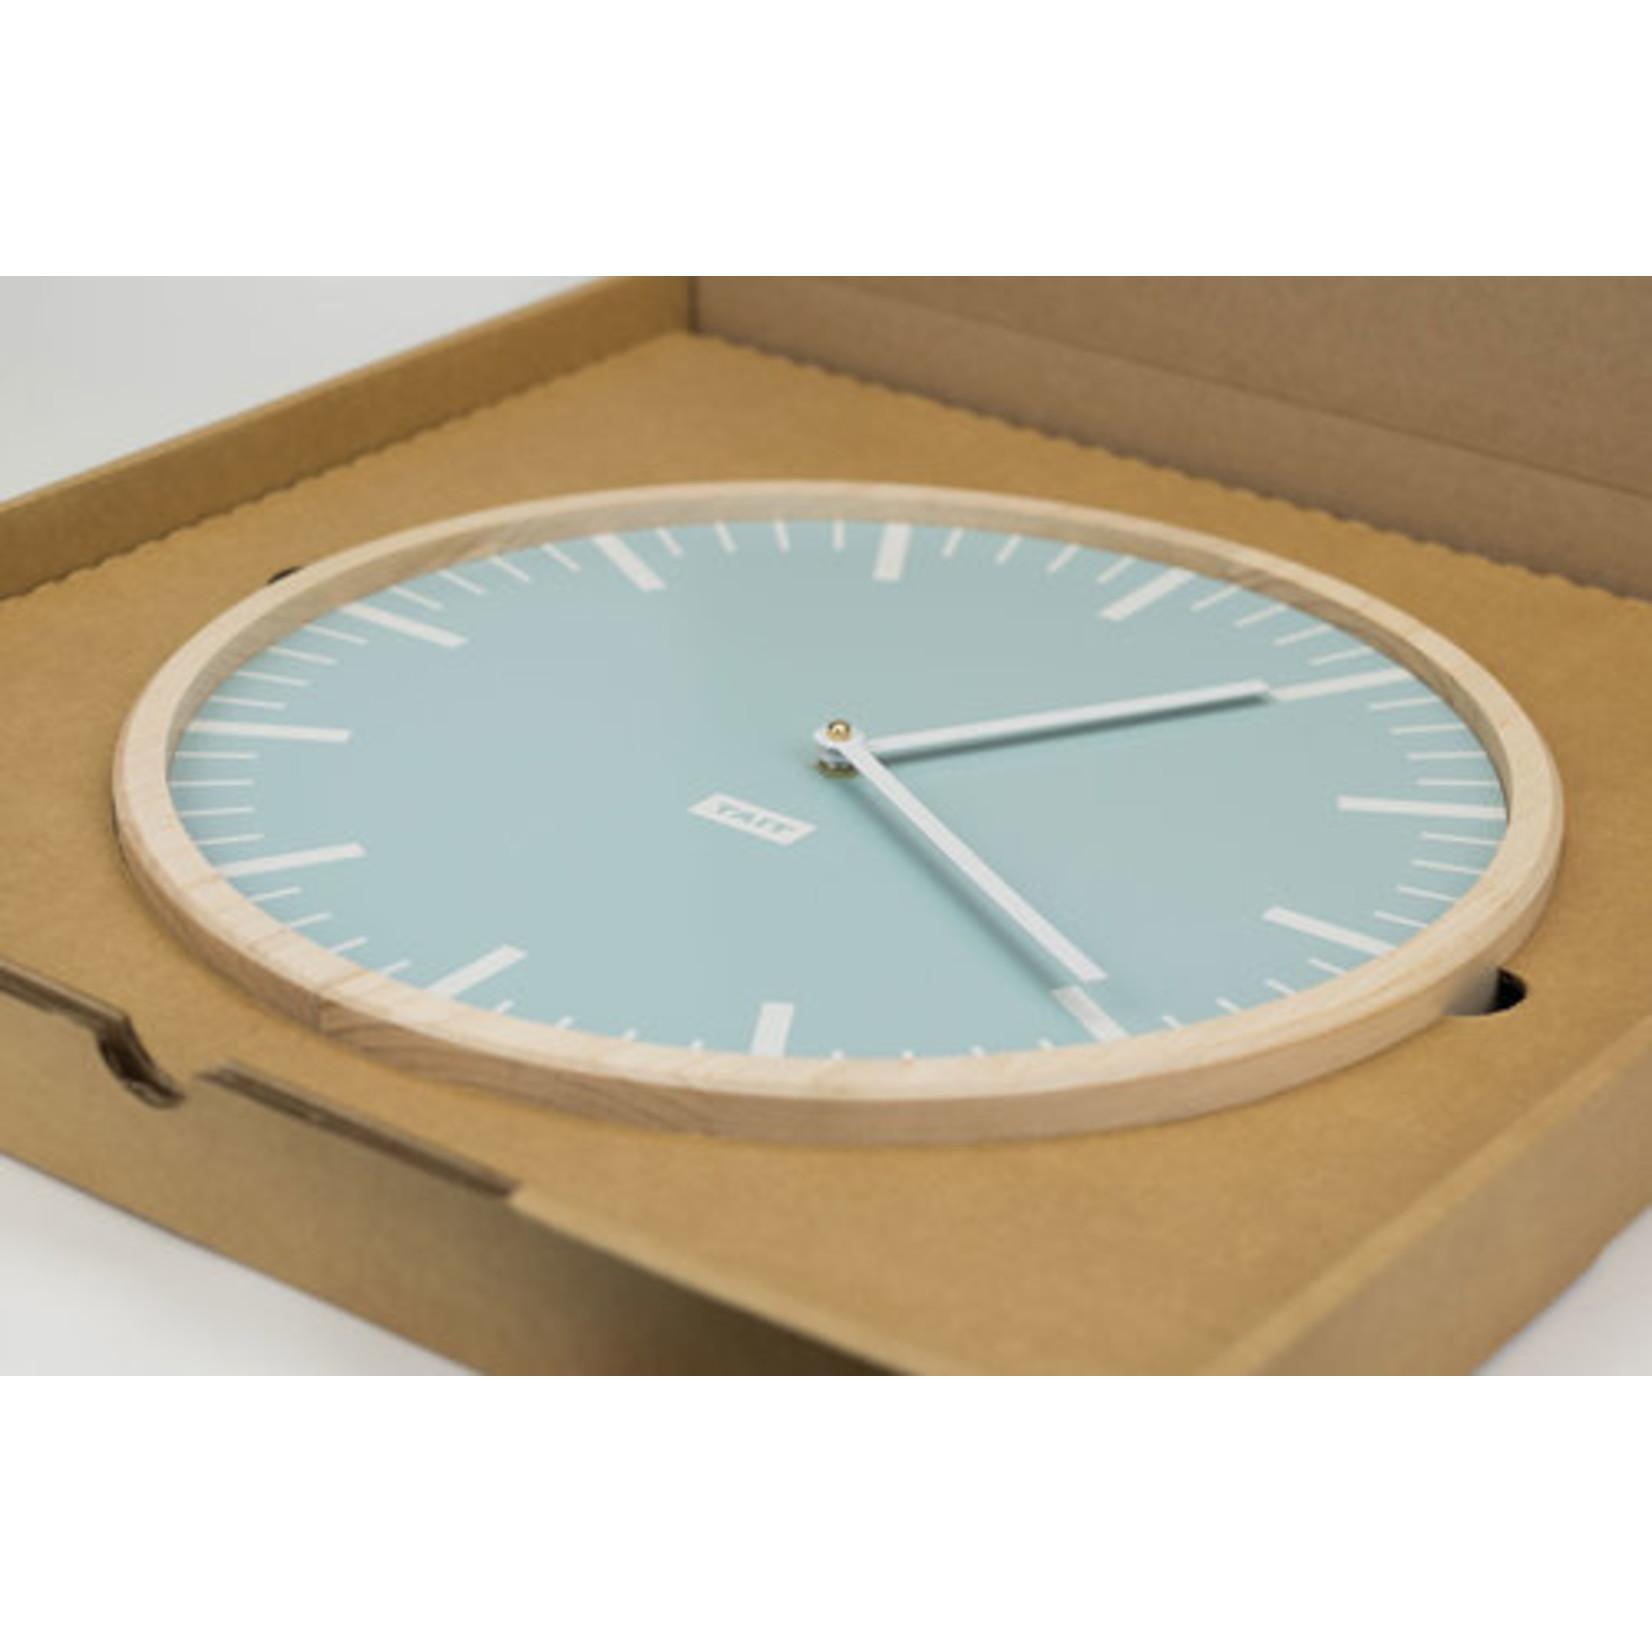 TAIT DESIGN CO. WALL CLOCK - GLACIER